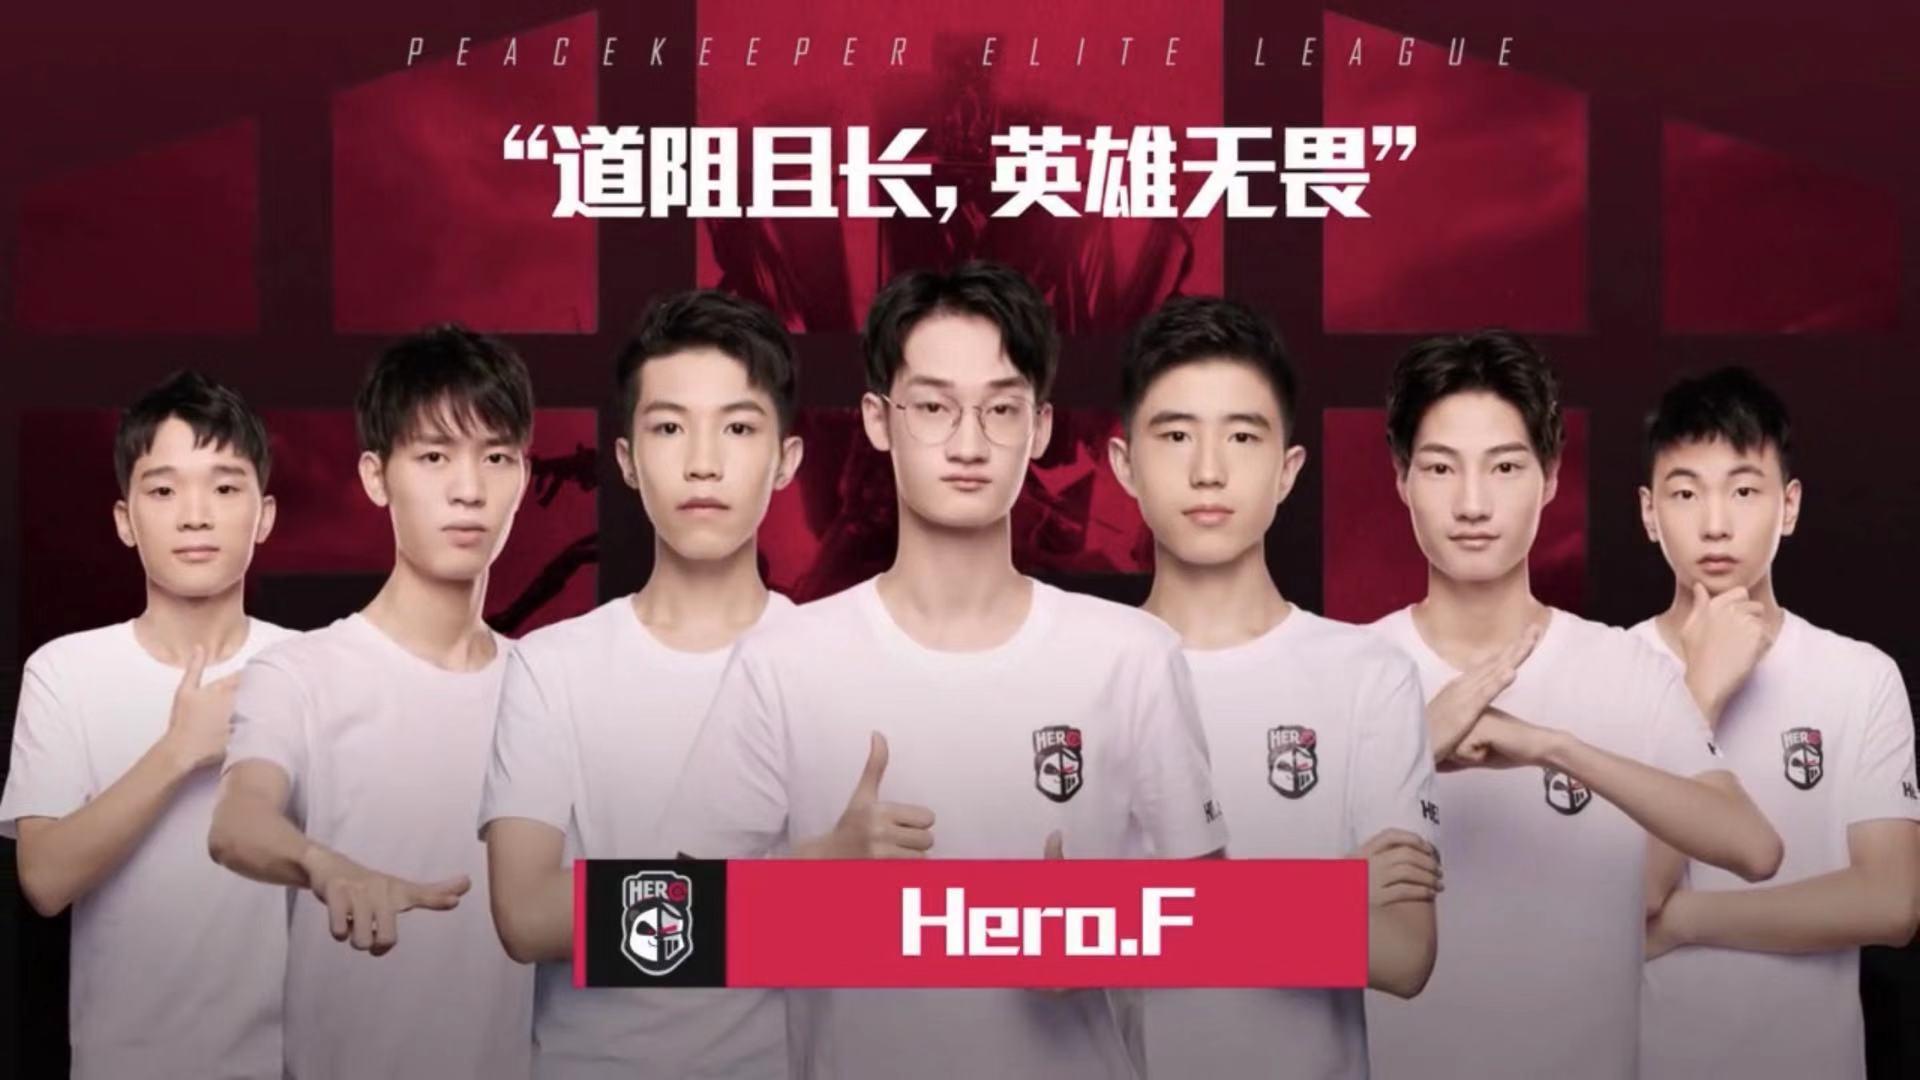 Hero.F巡礼视频